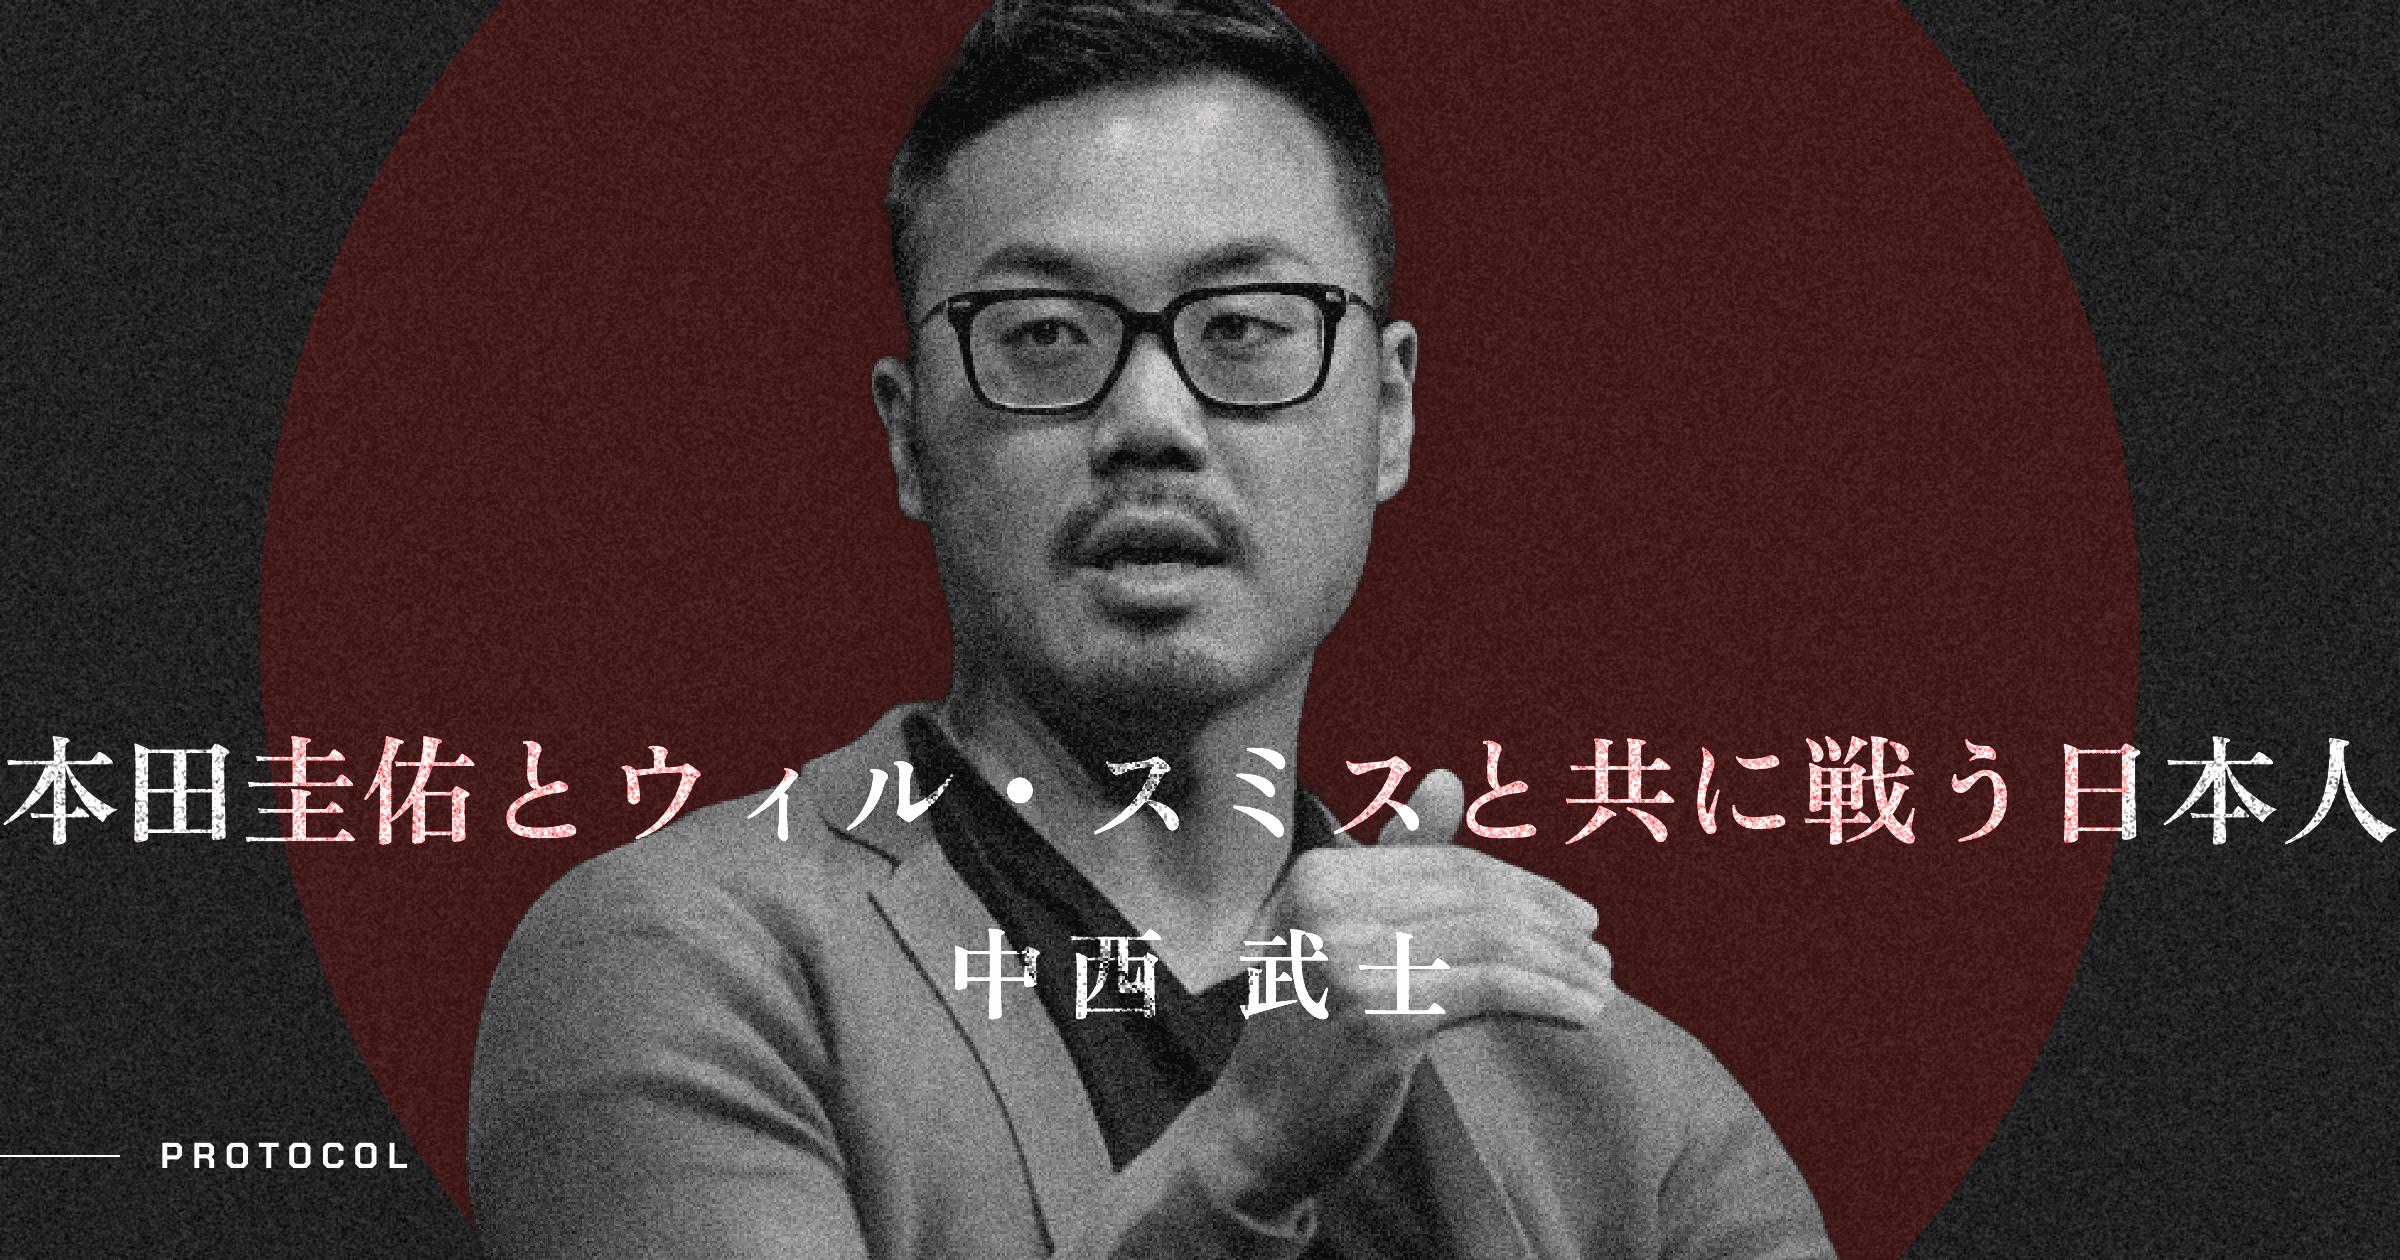 【中西武士】本田圭佑とウィル・スミスと共に世界で戦う日本人投資家